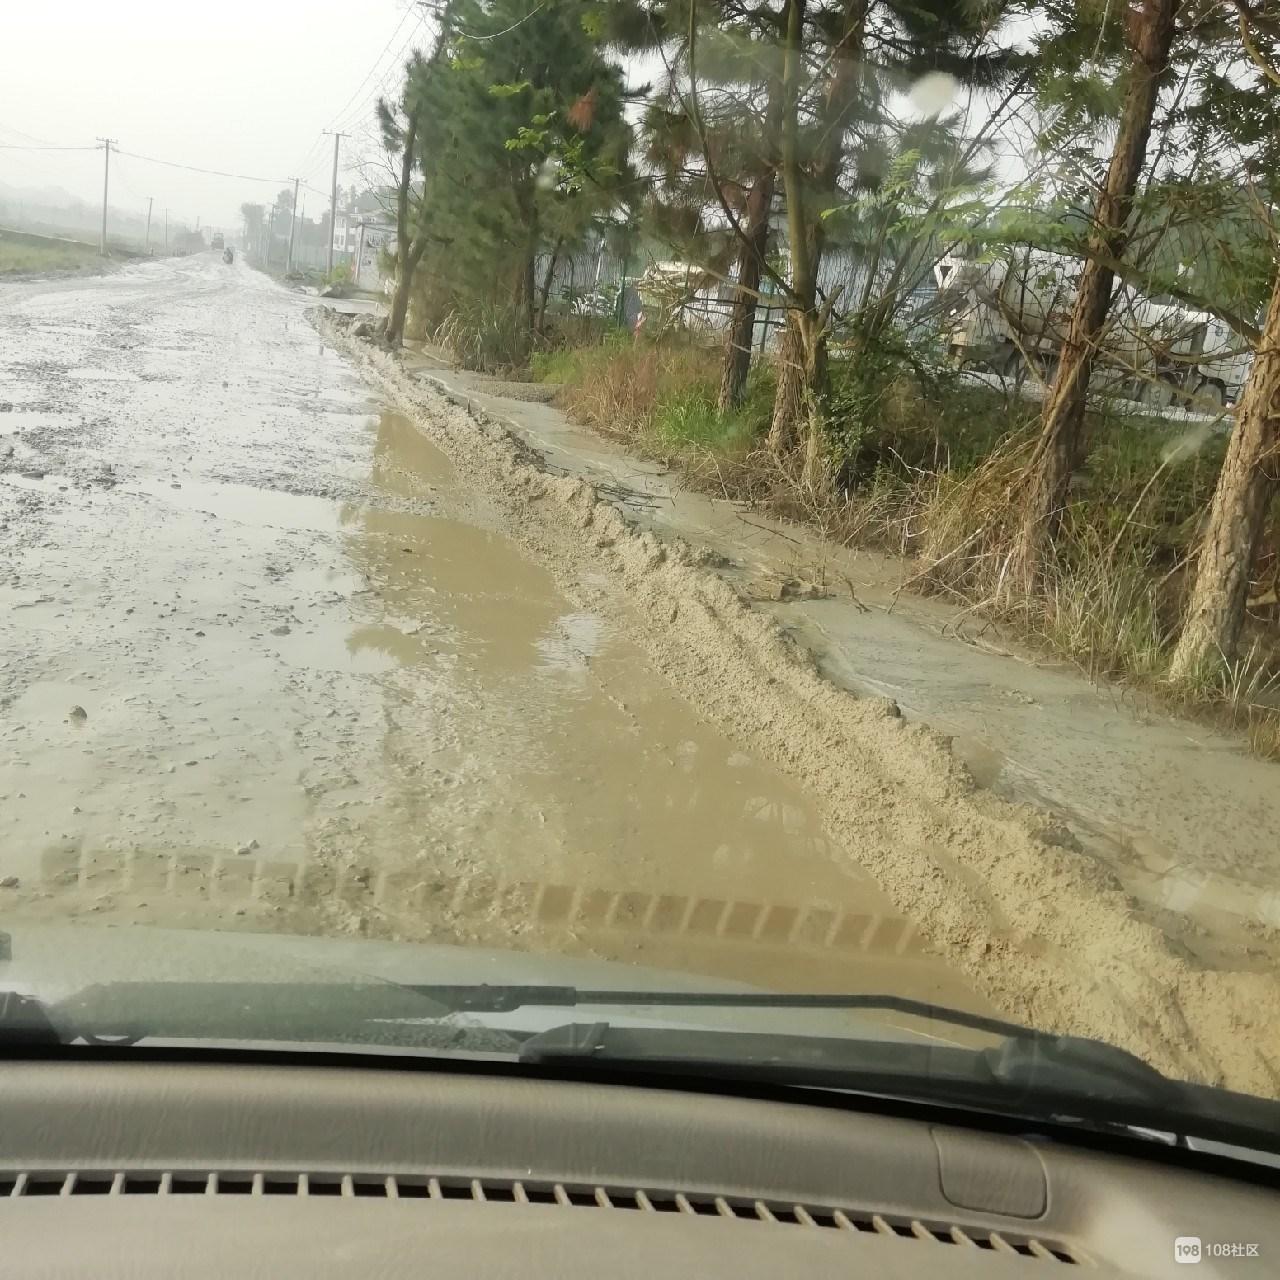 泥泞不堪!洪源镇洗马村唯一的路长这样 到底啥时候能修好?